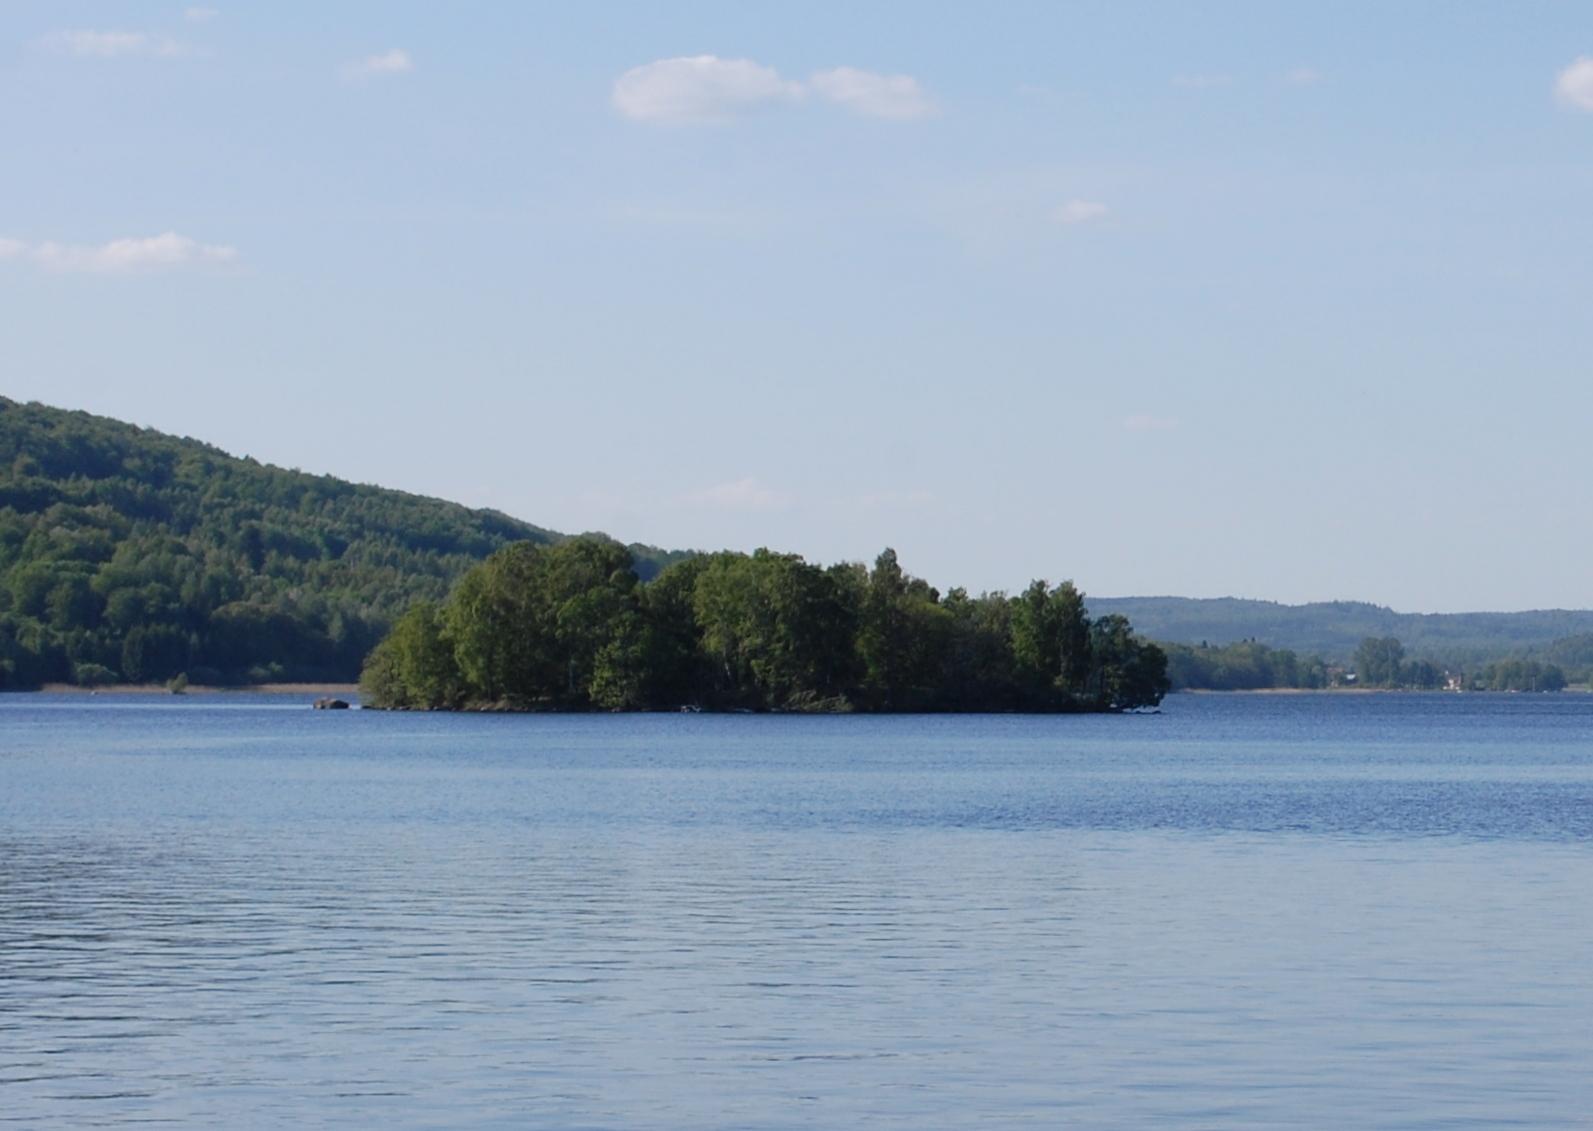 Bildresultat för ivösjön